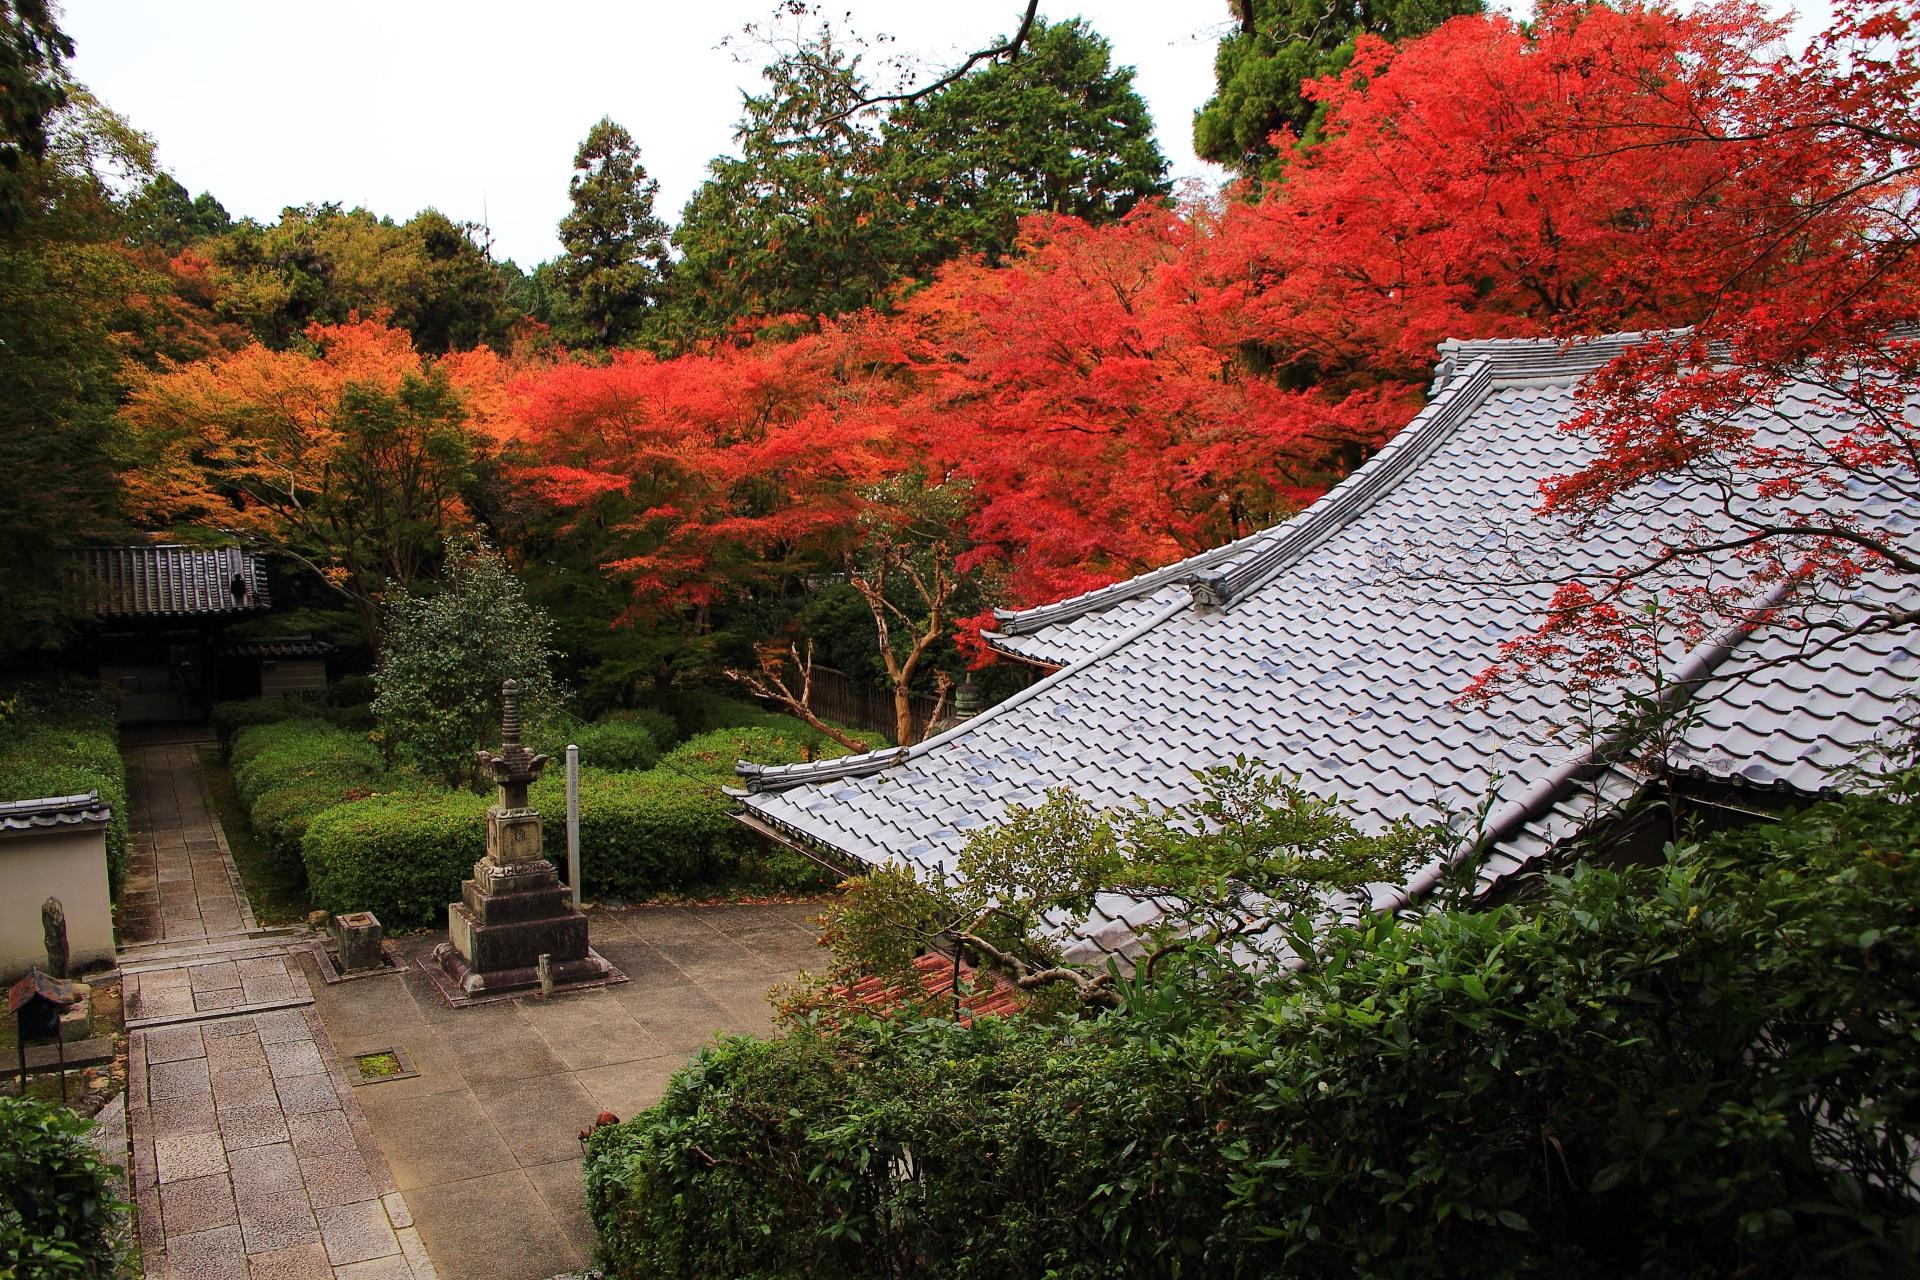 来迎院の荒神堂前から眺めた本堂や山門と見事な紅葉